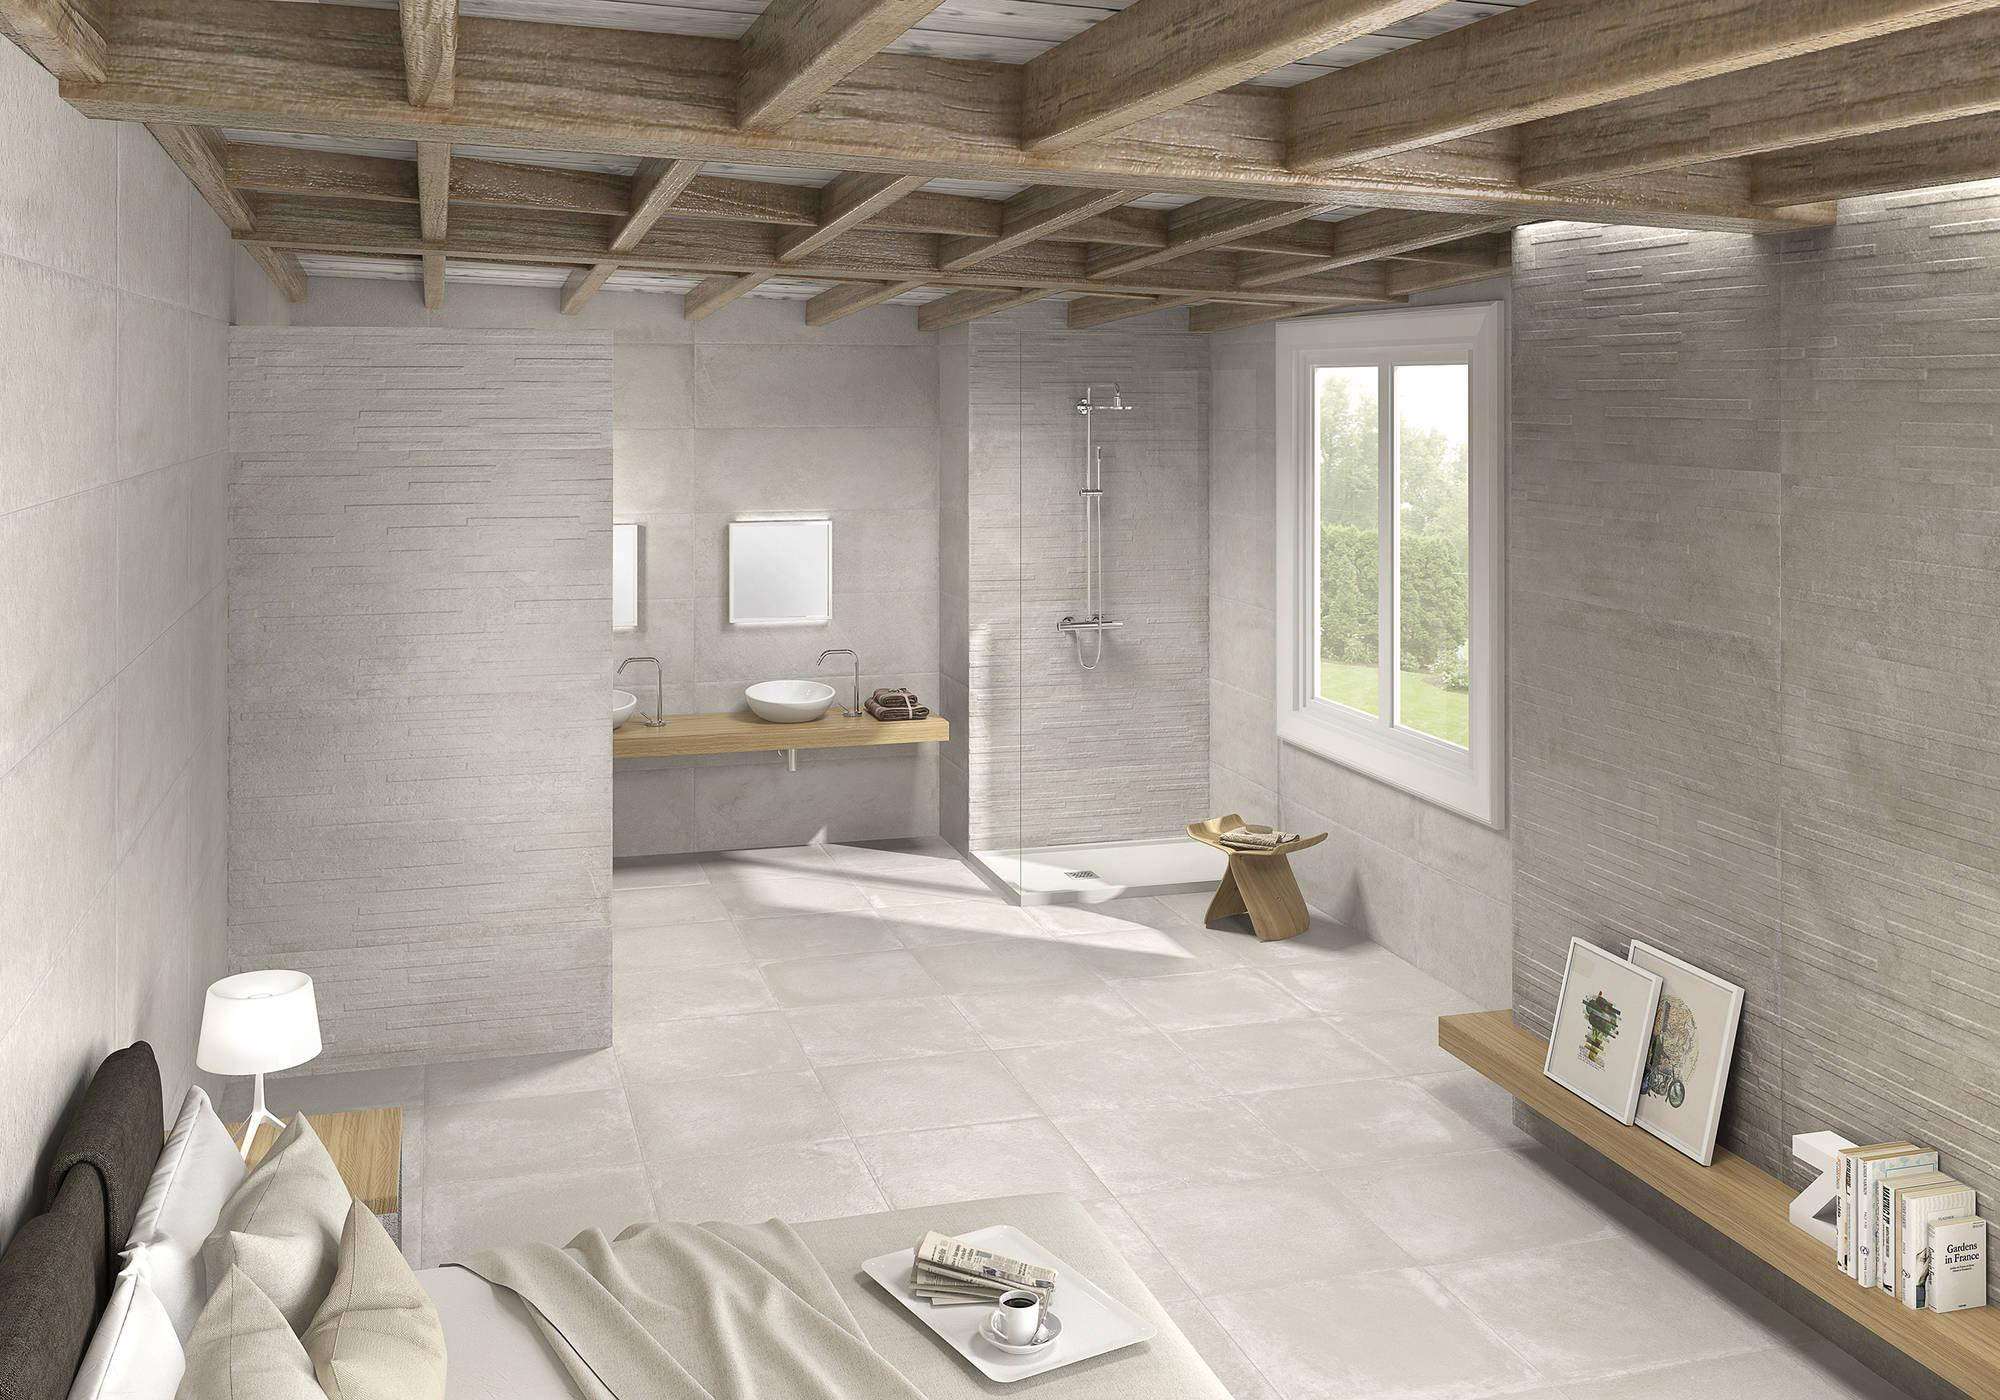 Vloertegel Azulev Varese 60x60x1 cm Perla 1,08M2